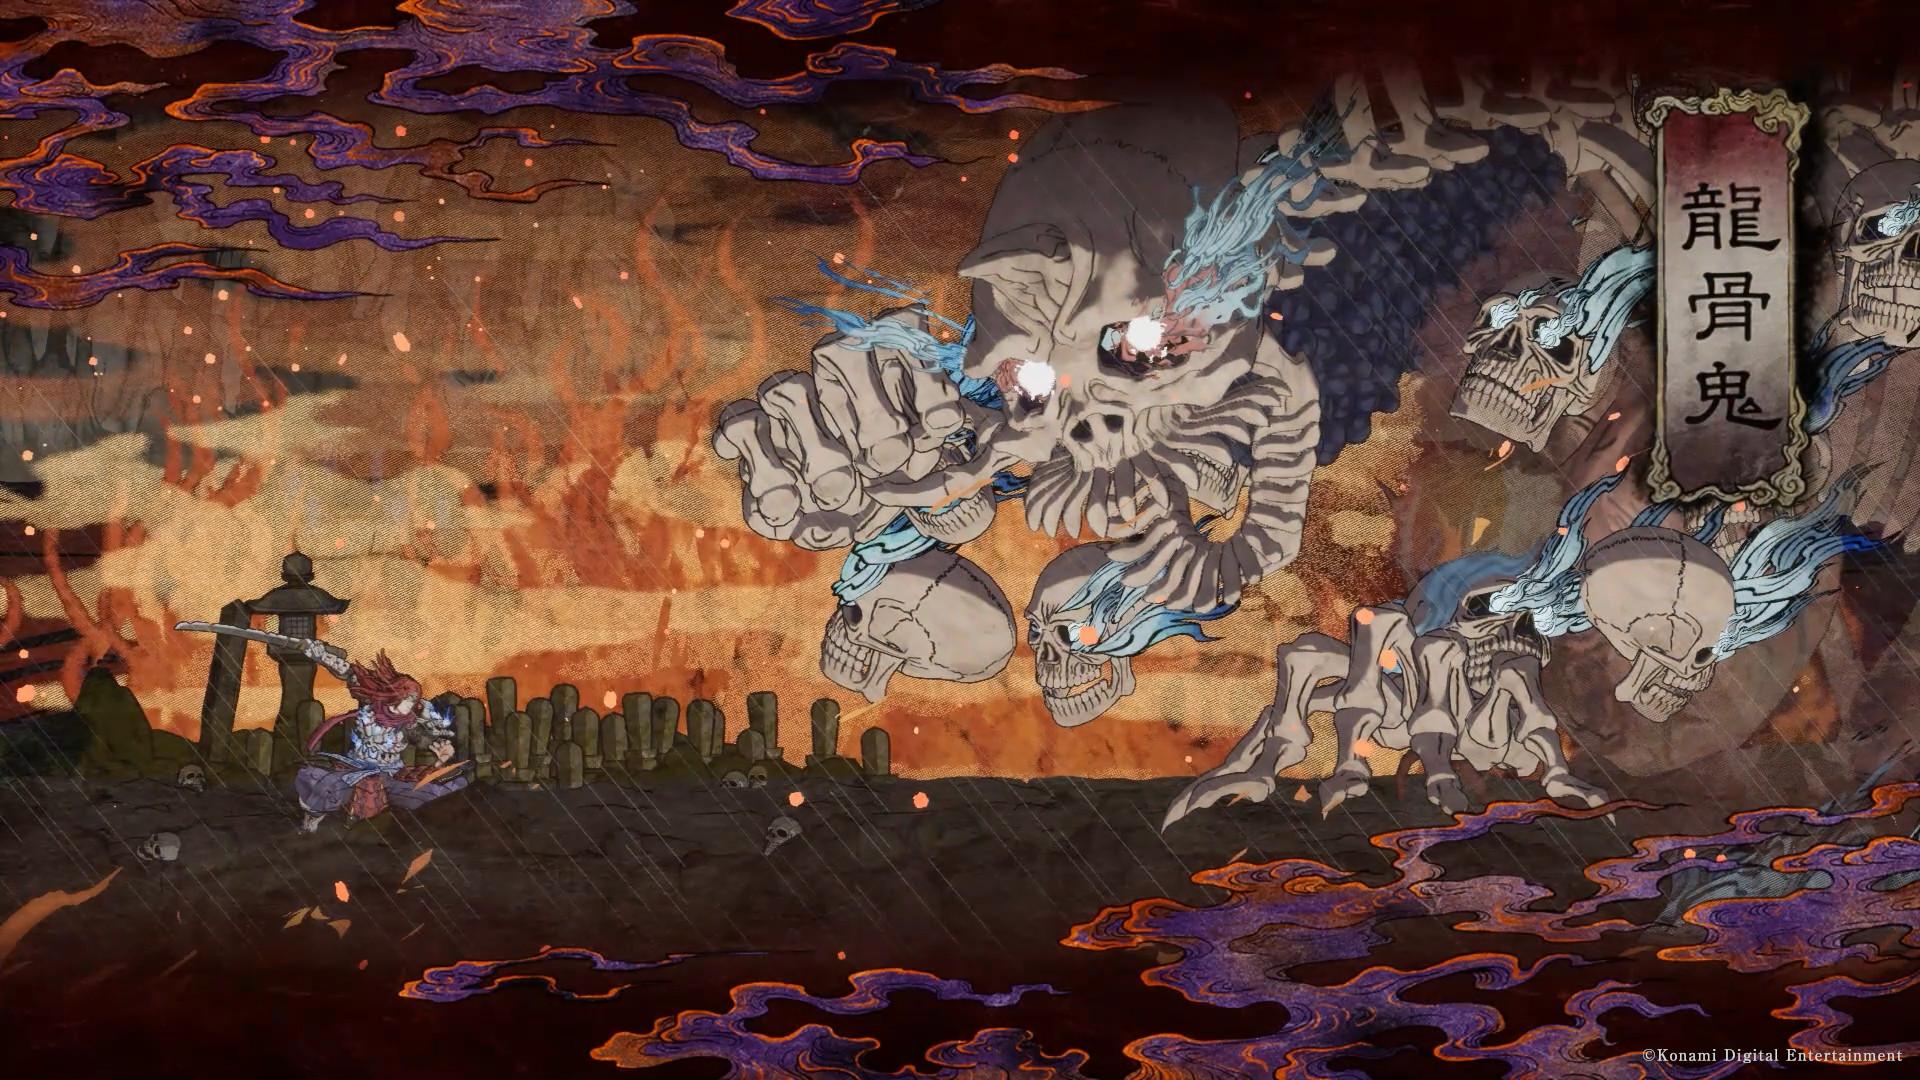 月风魔传:不死之月/GetsuFumaDen: Undying Moon(V.1.10-Build.6601803)插图4